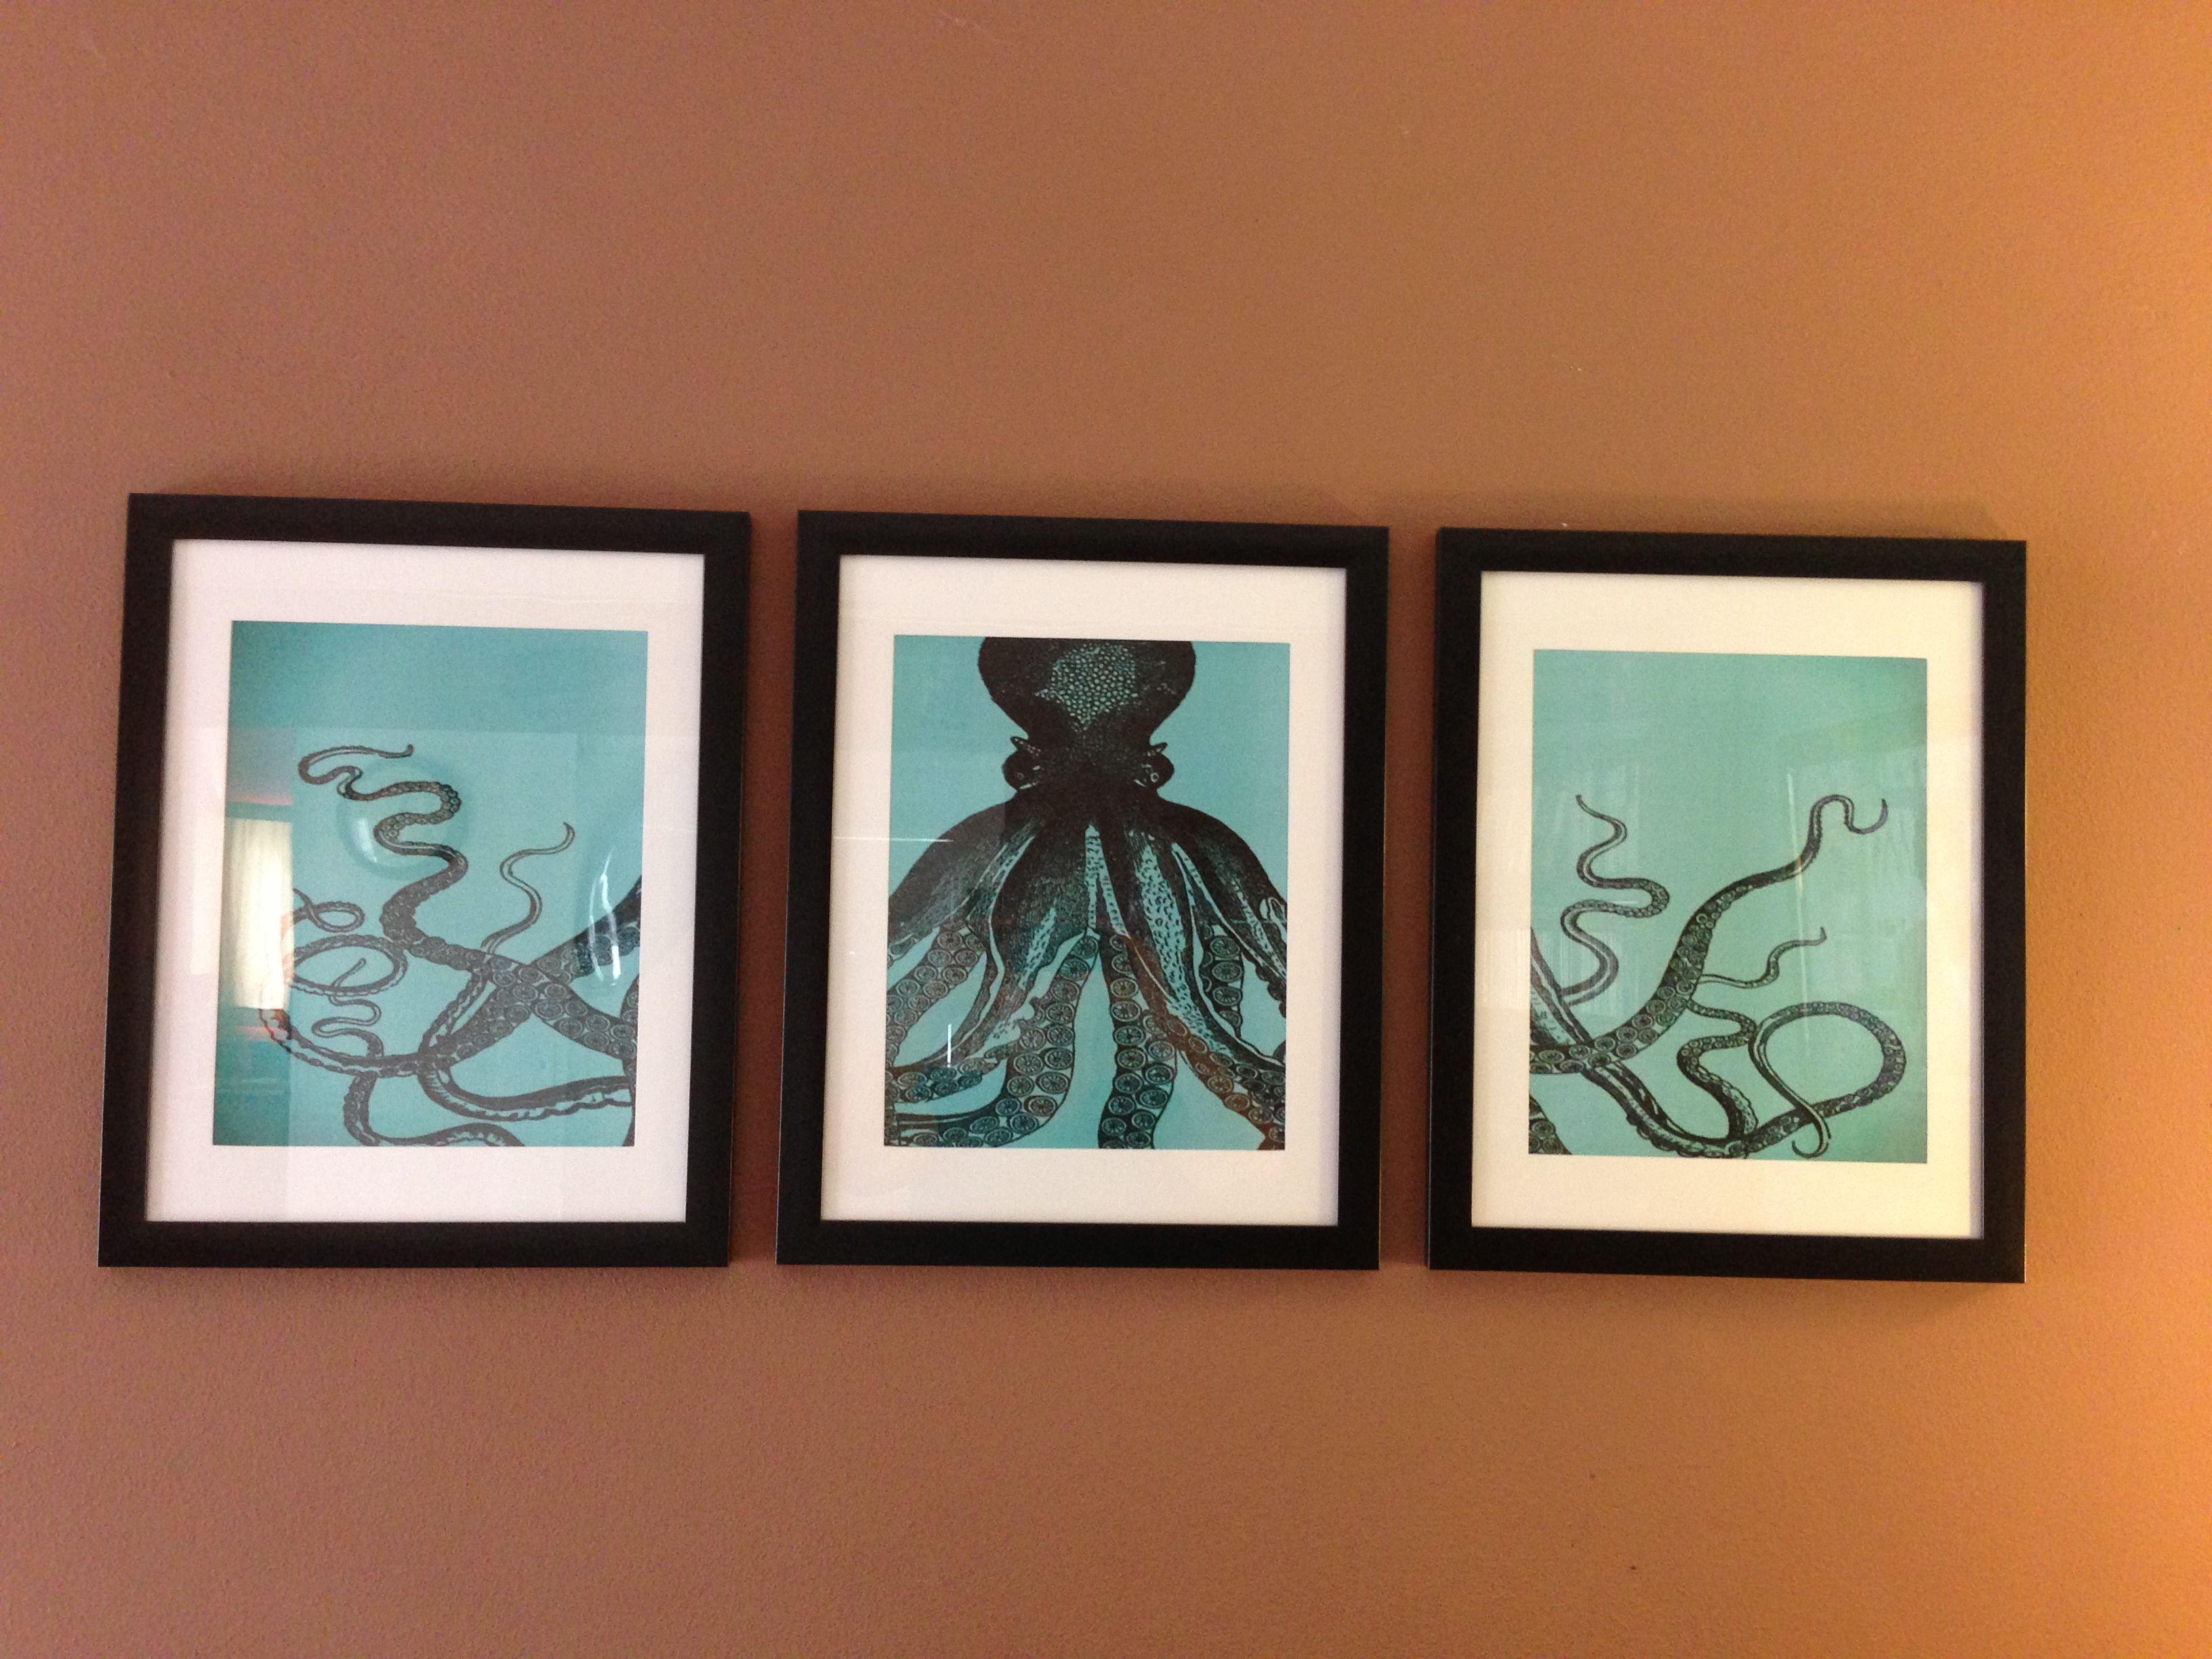 DIY Octopus wall art I made. Cost under $30